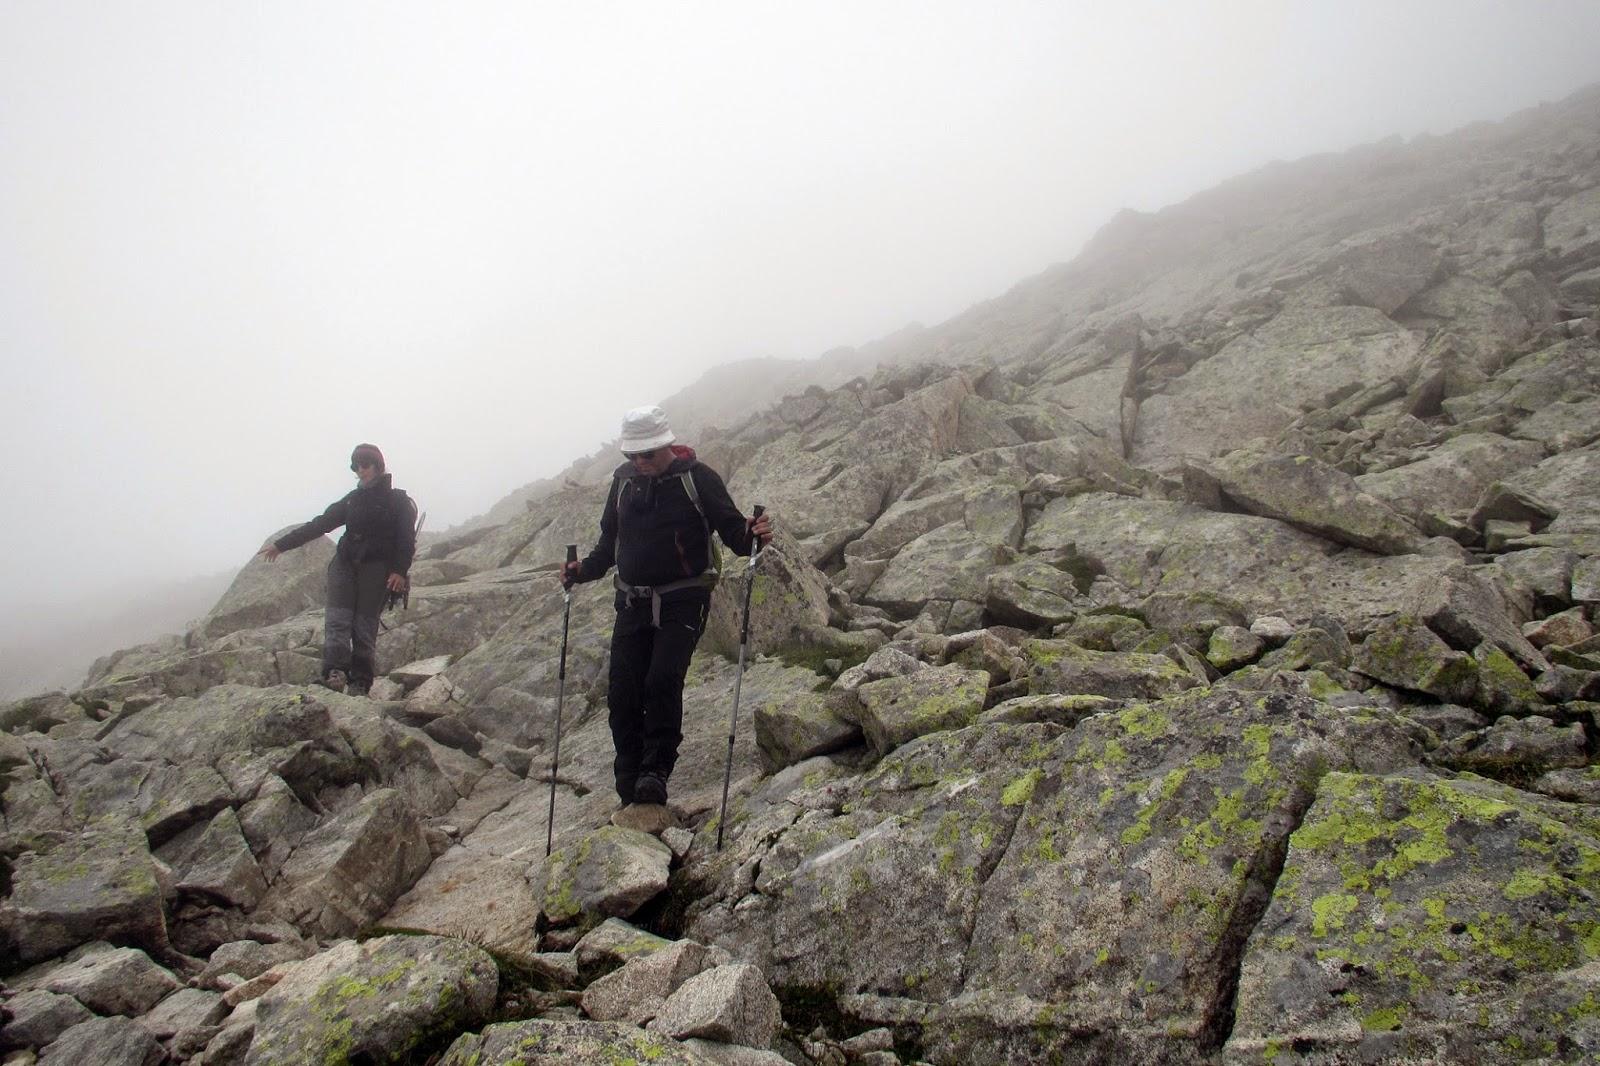 Buscando hitos en la pedrera del Aneto